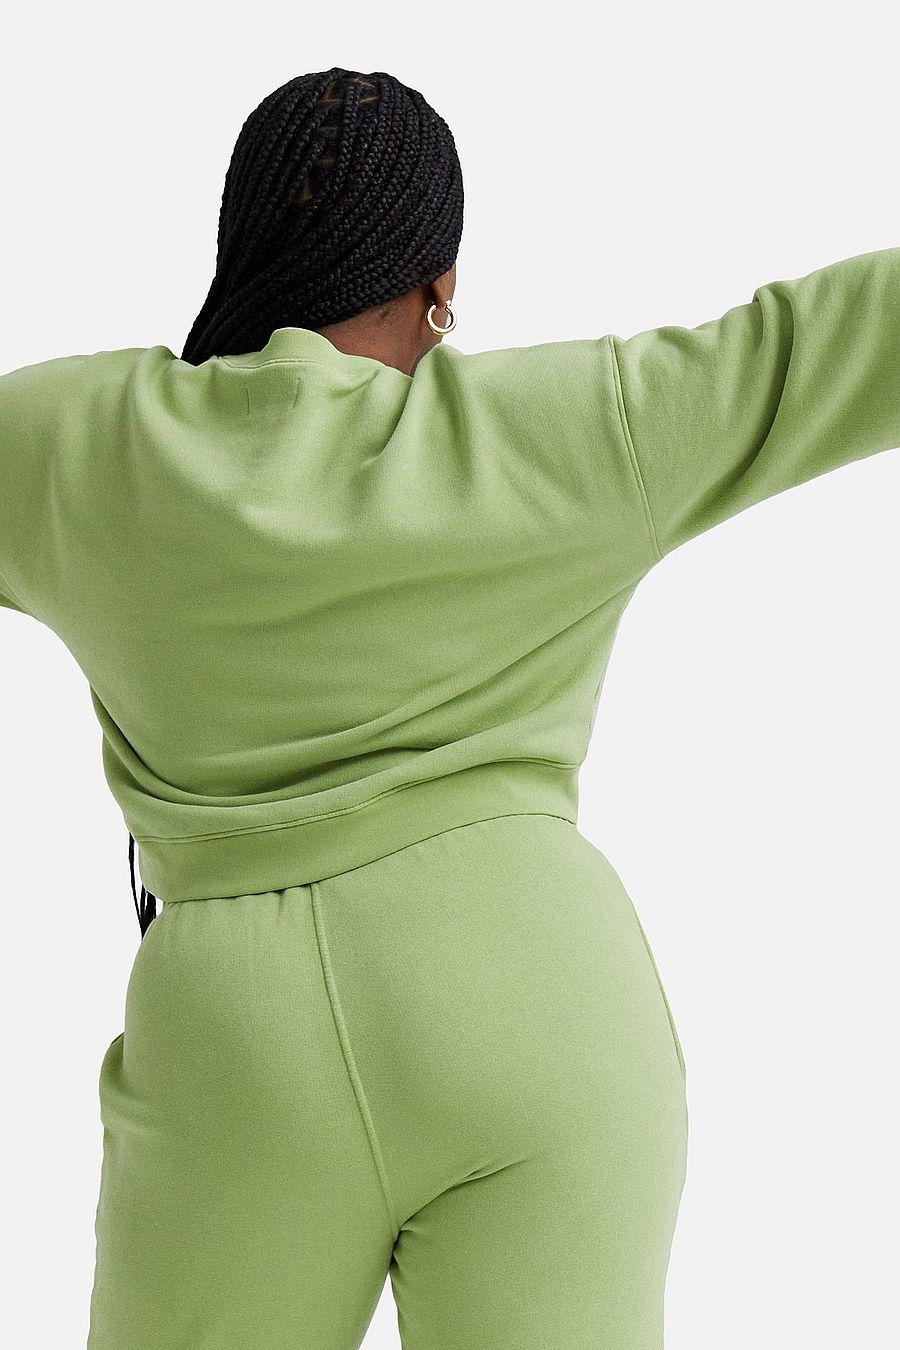 MATE The Label Fleece Crop Sweatshirt - PISTACHIO